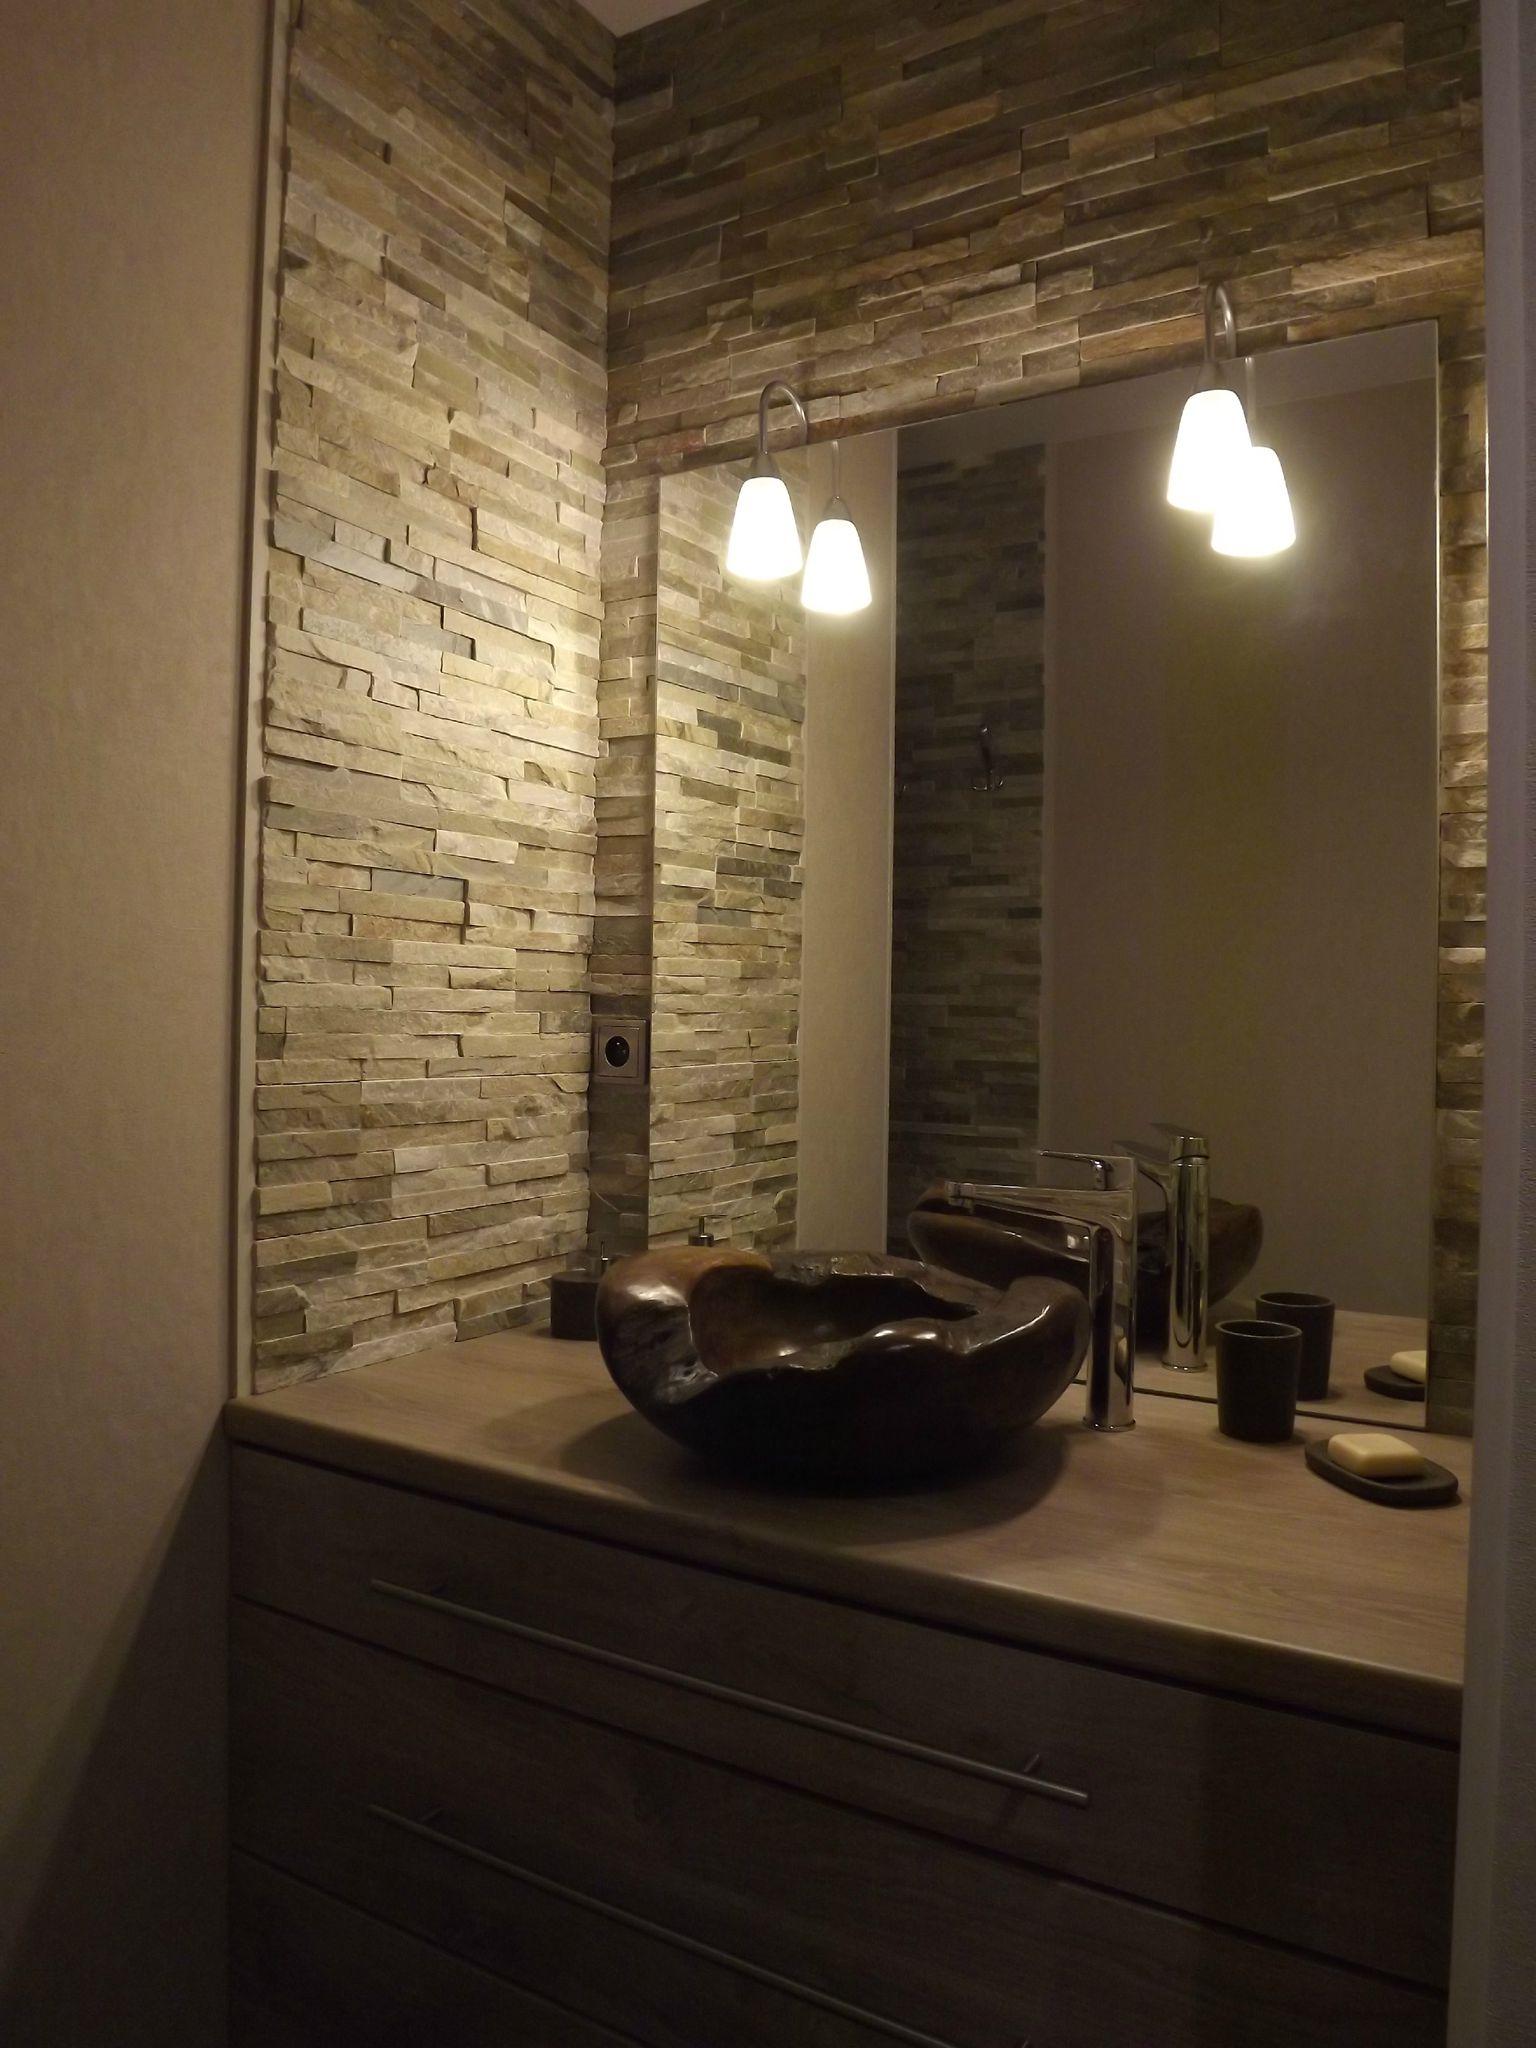 Salle De Bain Entre Et Salon Construction De Notre Maison CTN Modle Justine Transformation